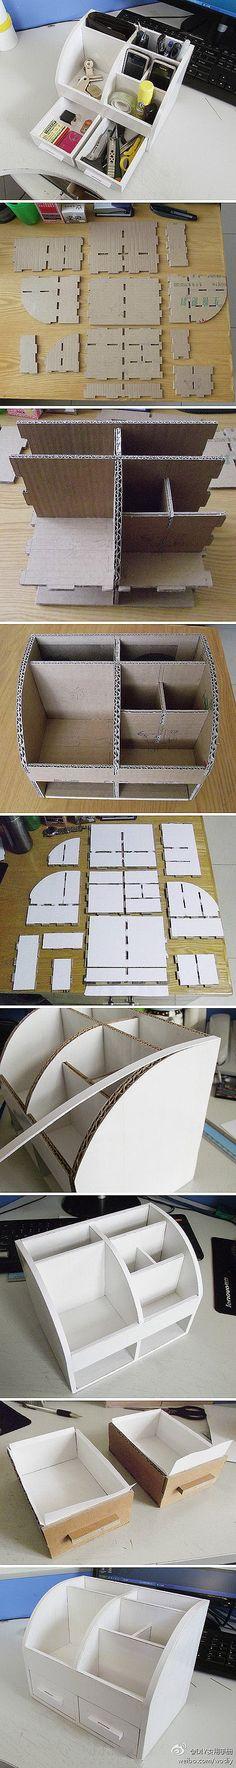 cómo hacer que un titular de escritorio de papel cartón